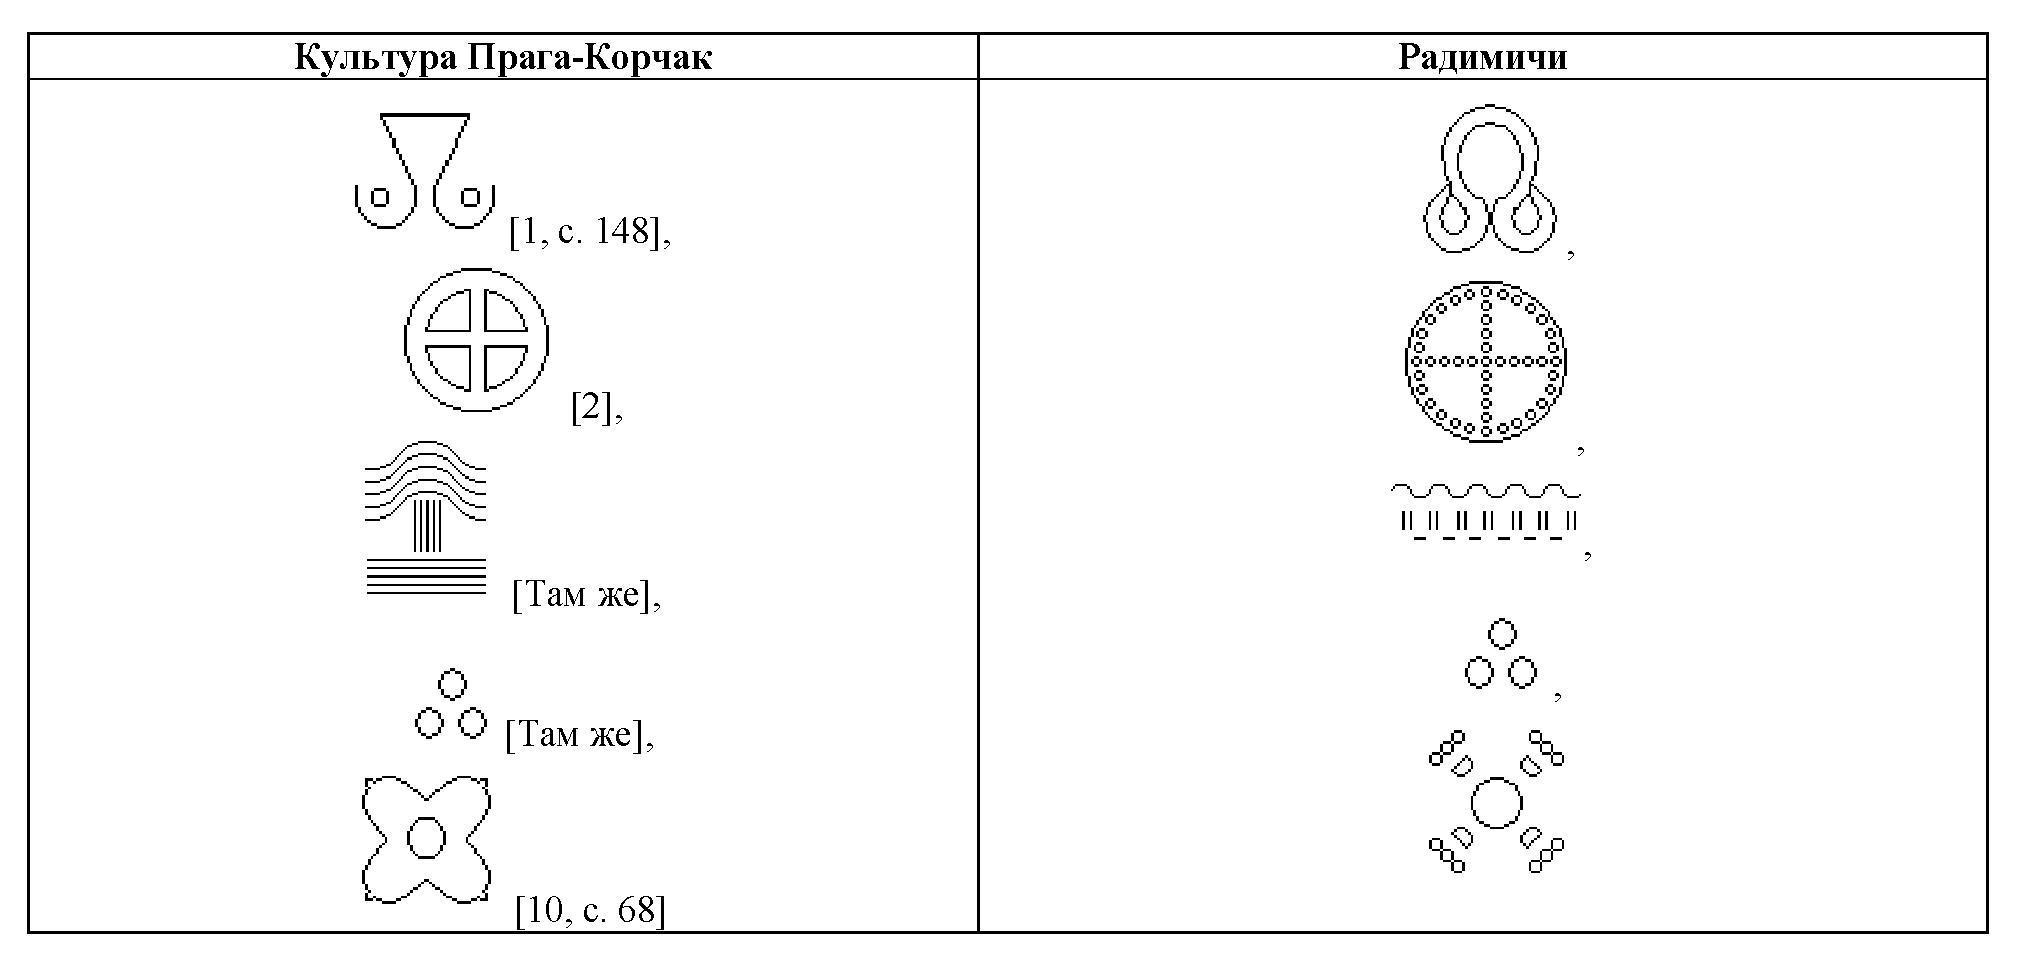 Таблица 5. Сравнение графических символов радимичей с символами культуры Прага-Корчак